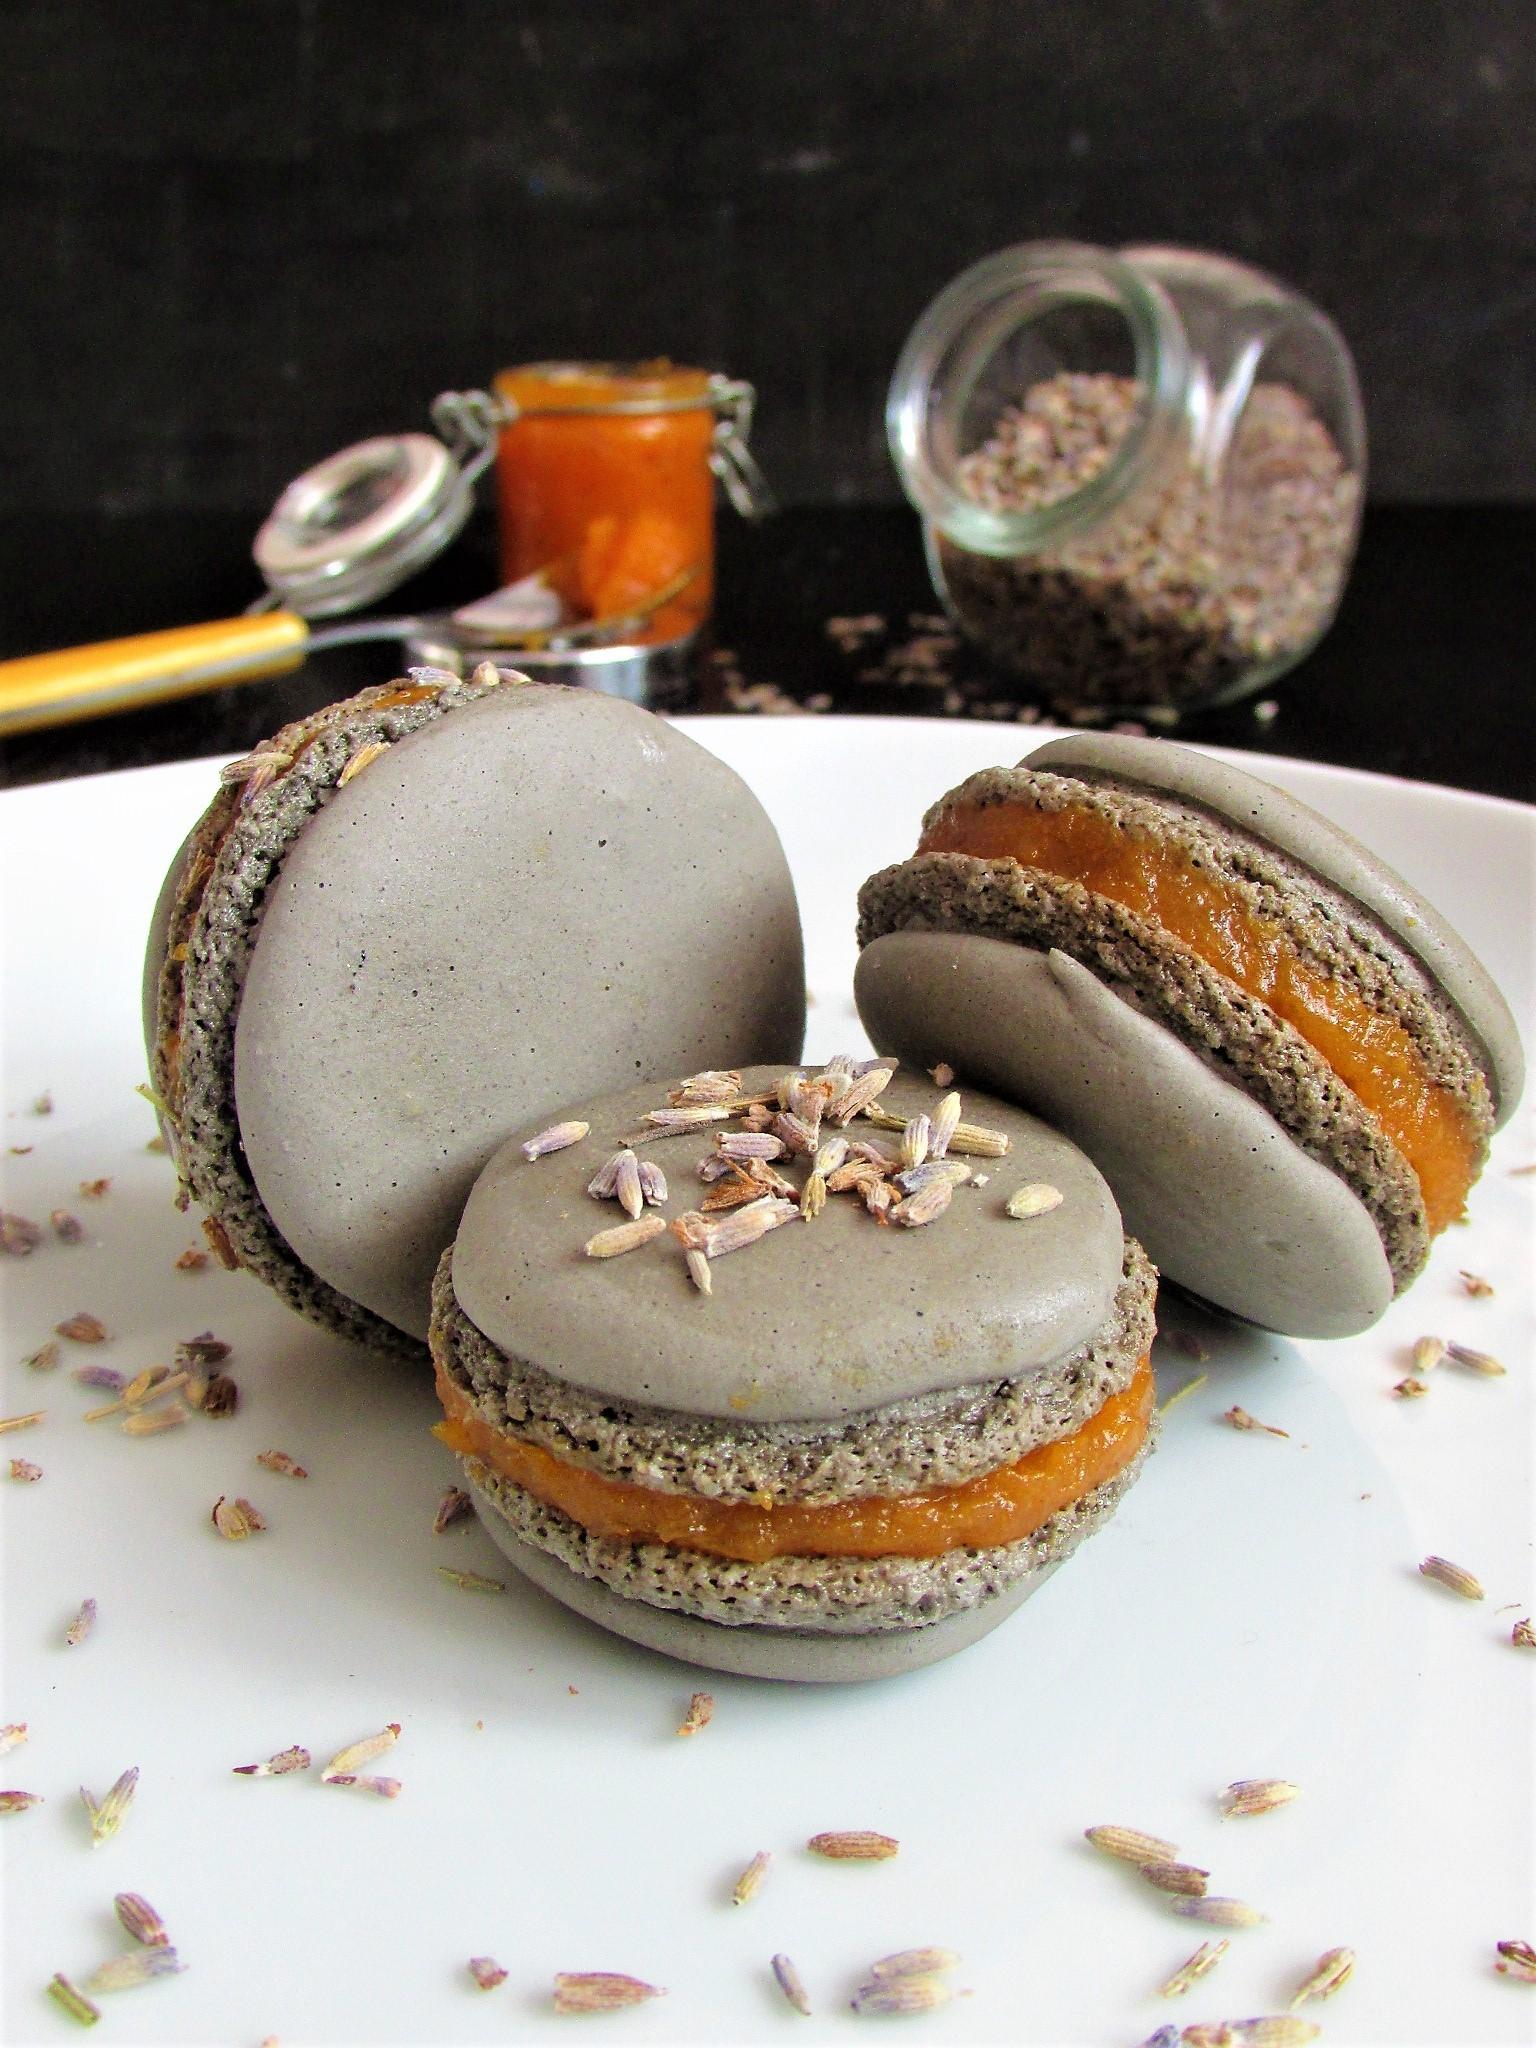 Les macarons imparfaits, ovvero macaron con composta di zucca al profumo di lavanda per l'MTC n. 62